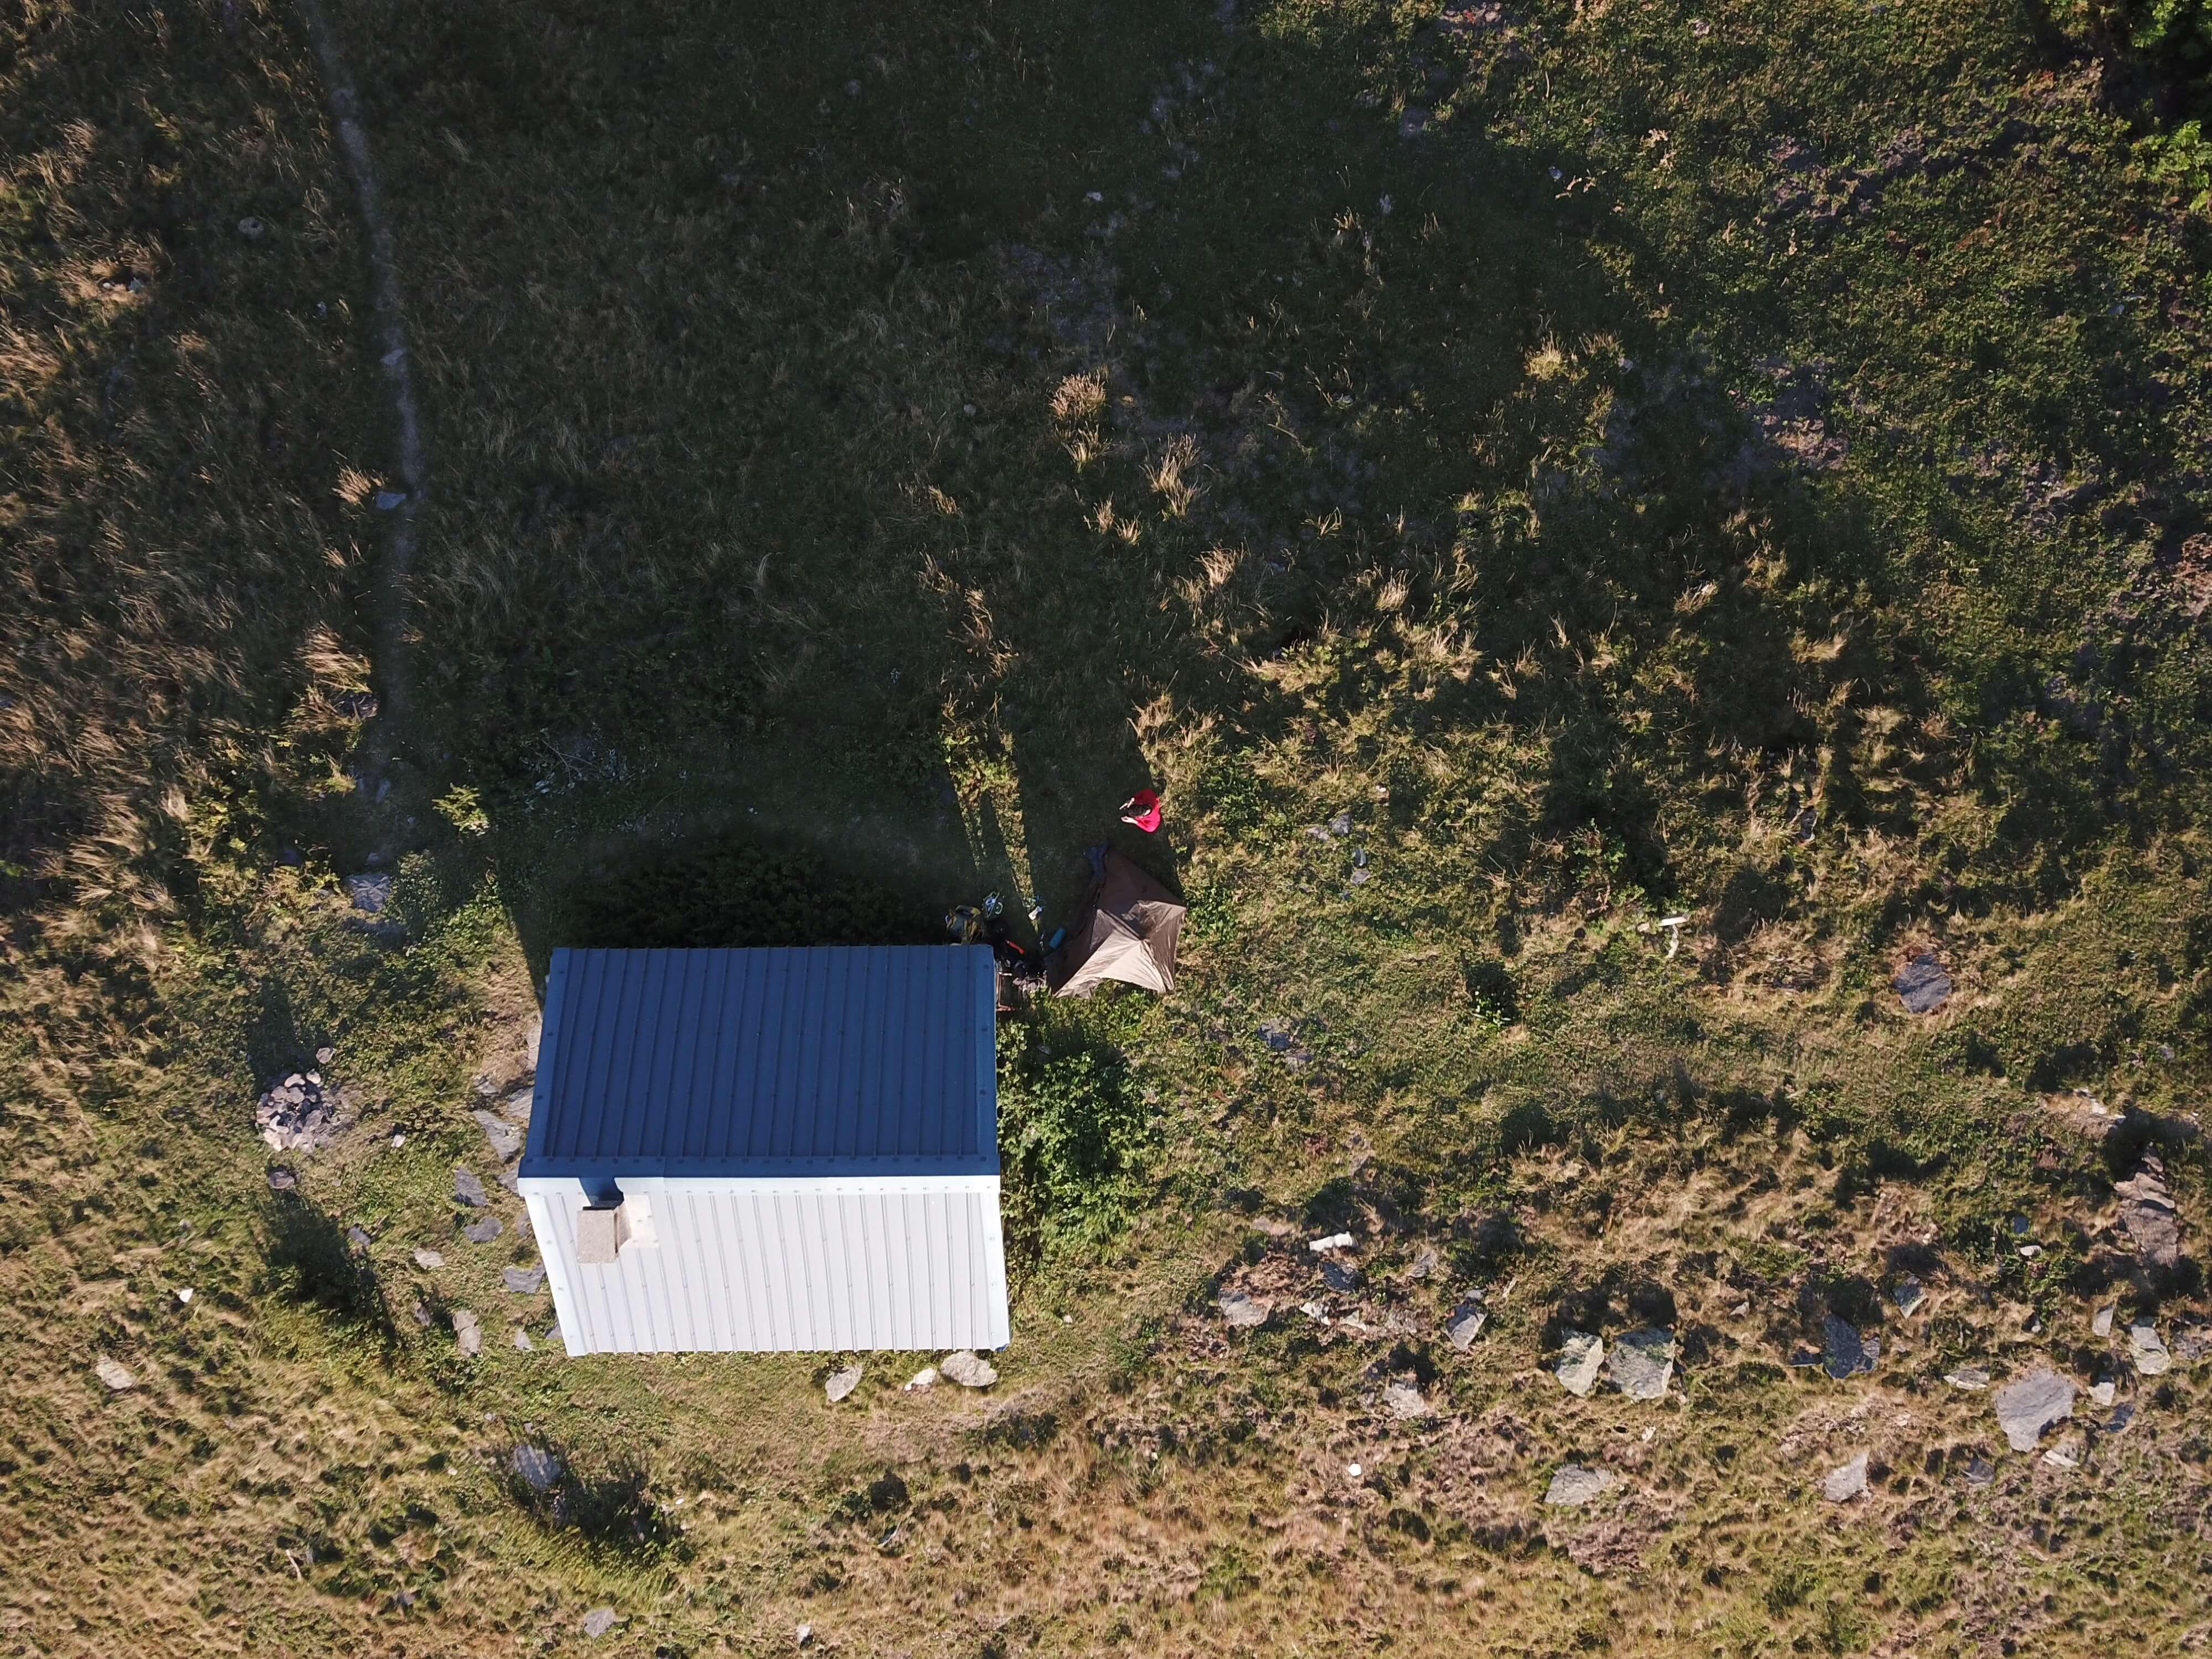 Drone cabin photo